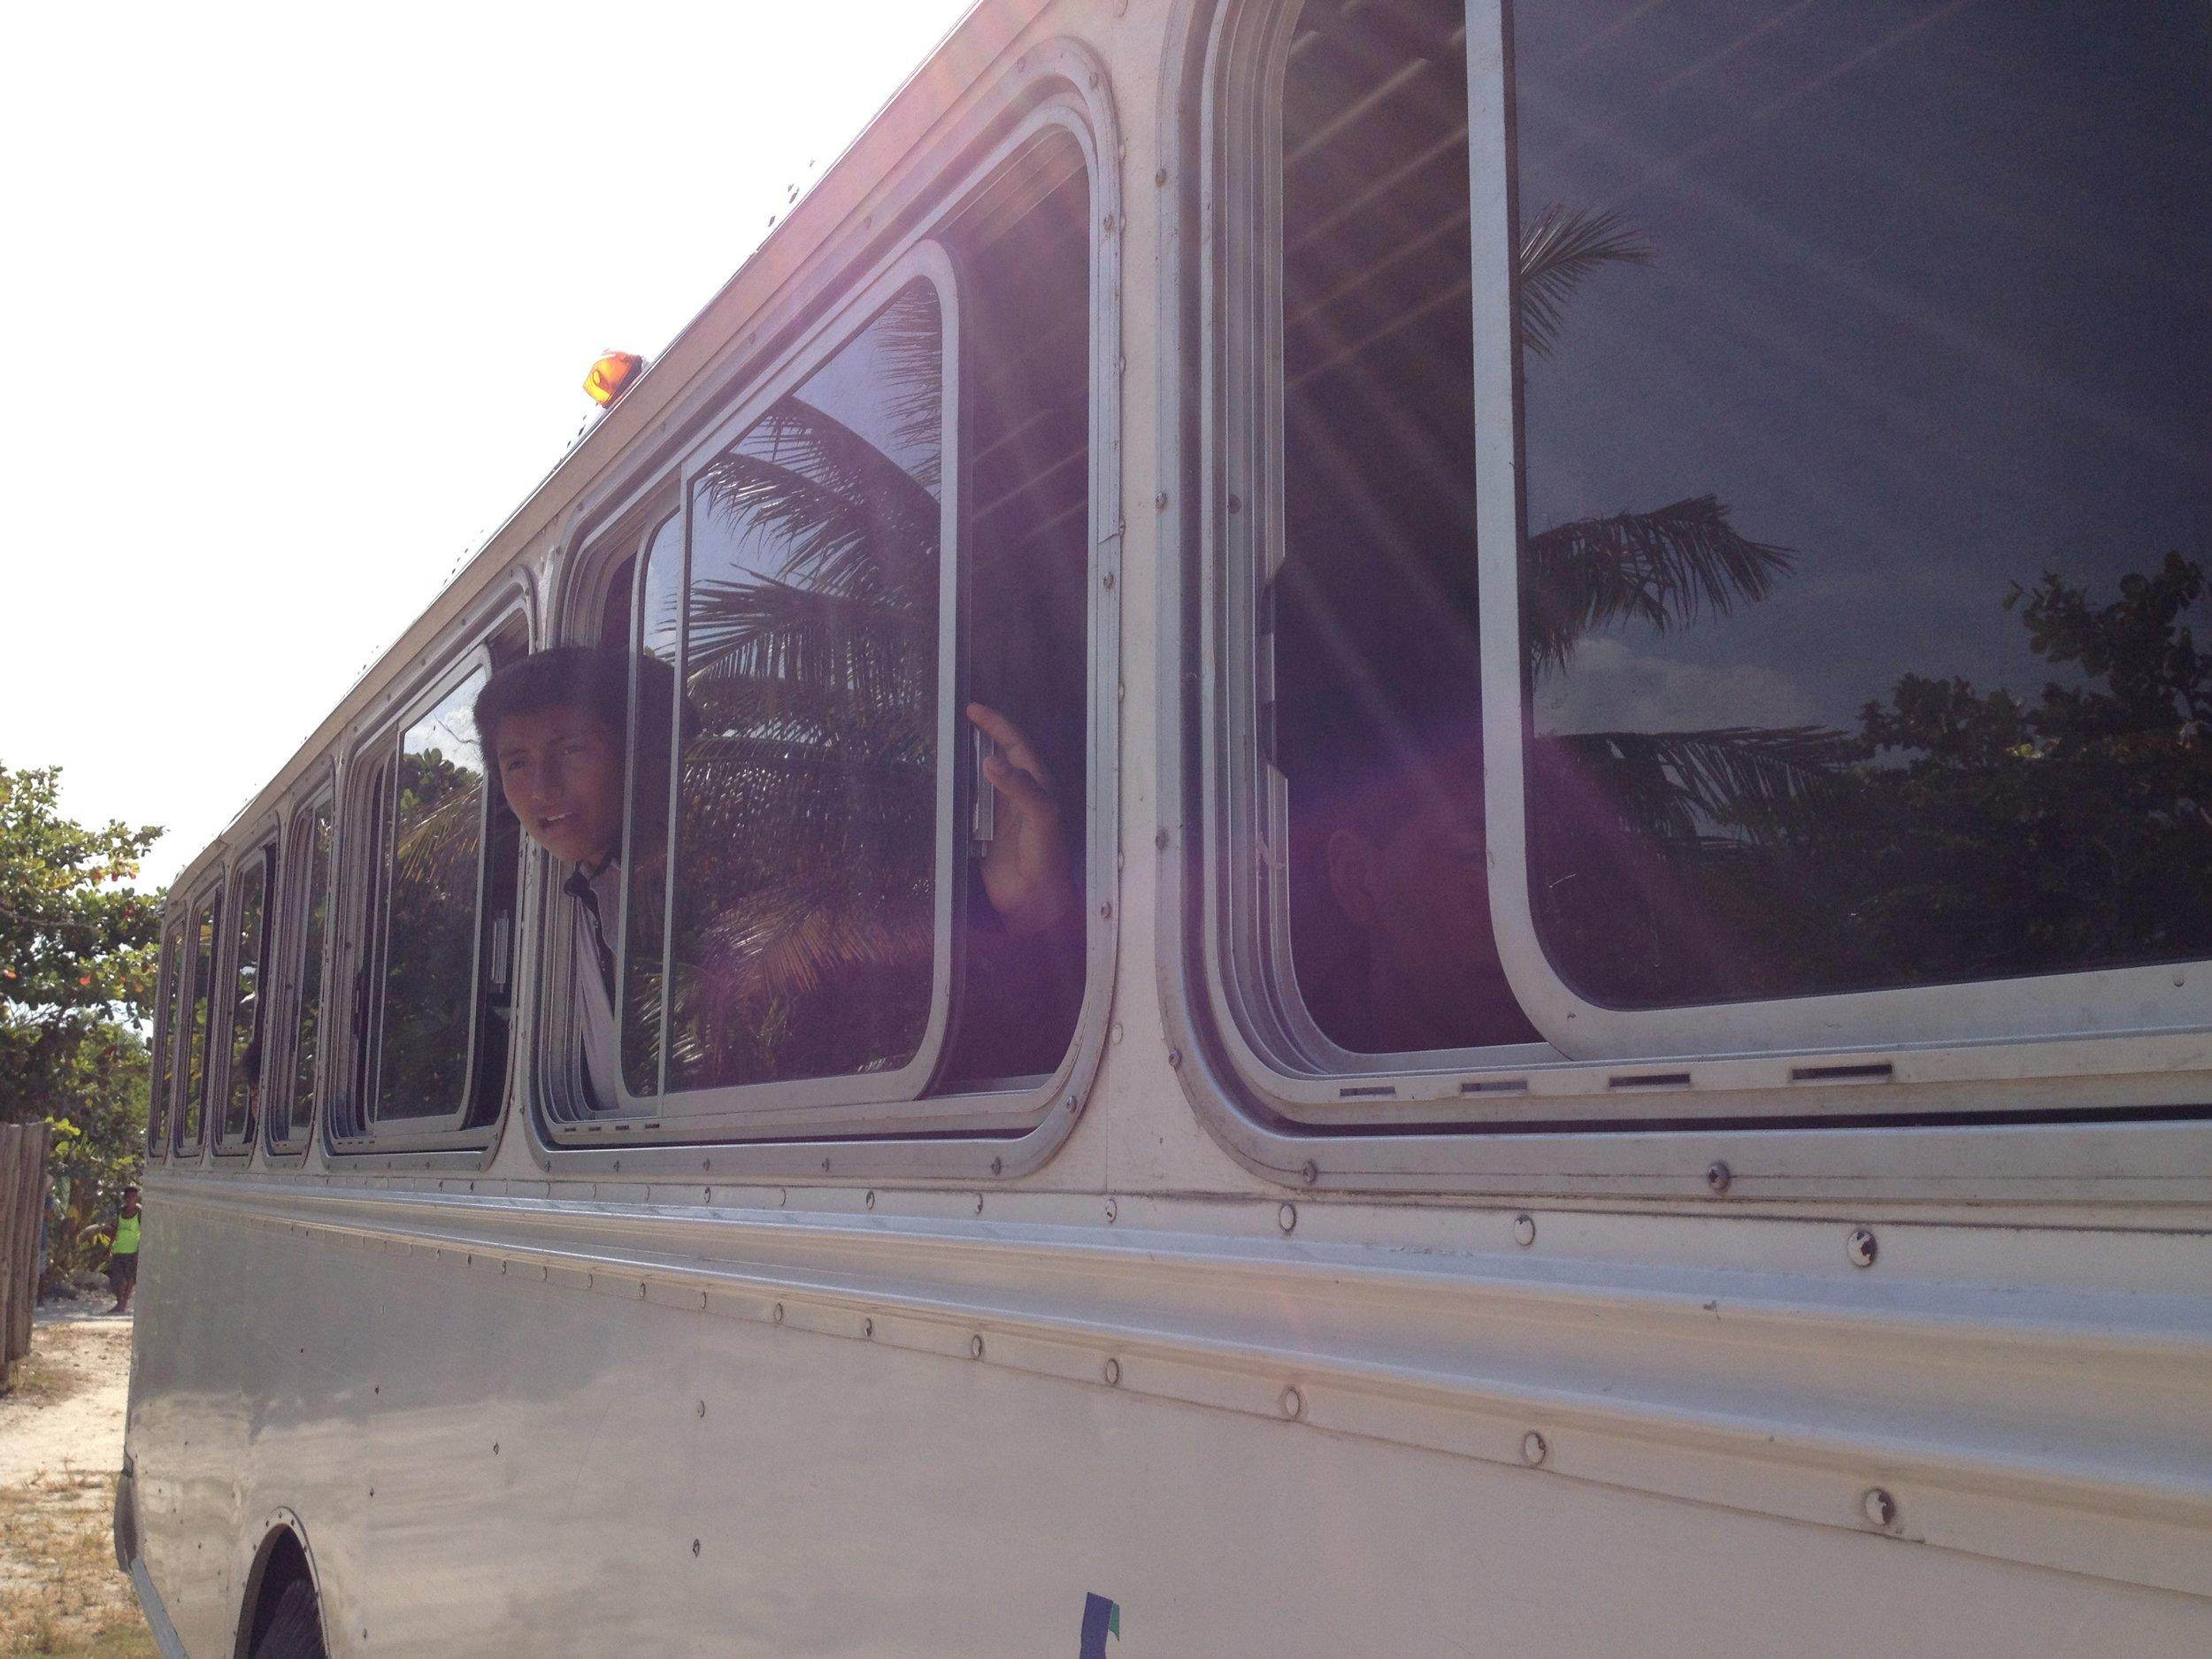 Bus teenagers SK.JPG